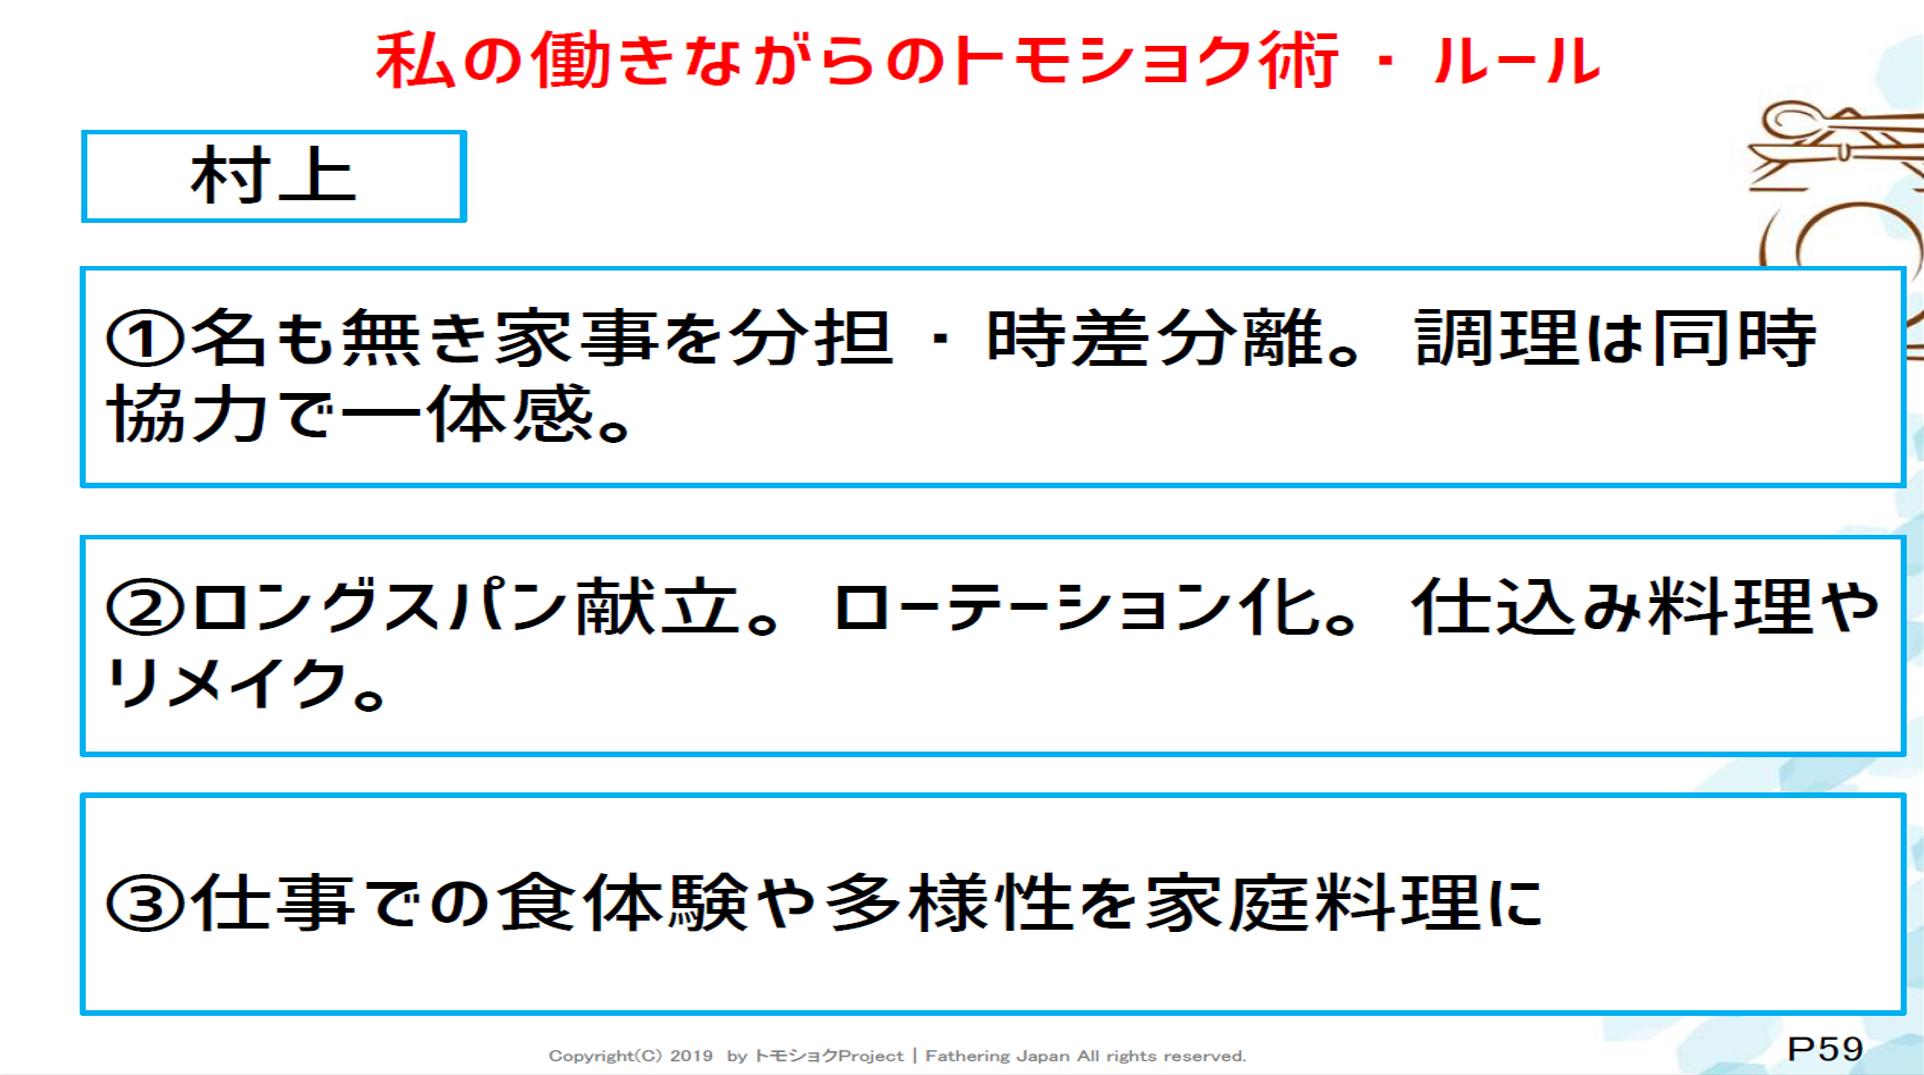 村上誠さんトモショク術,私の働きながらのトモショク術・ルール,トモショクproject,トモショク プロジェクト,ファザーリングジャパン